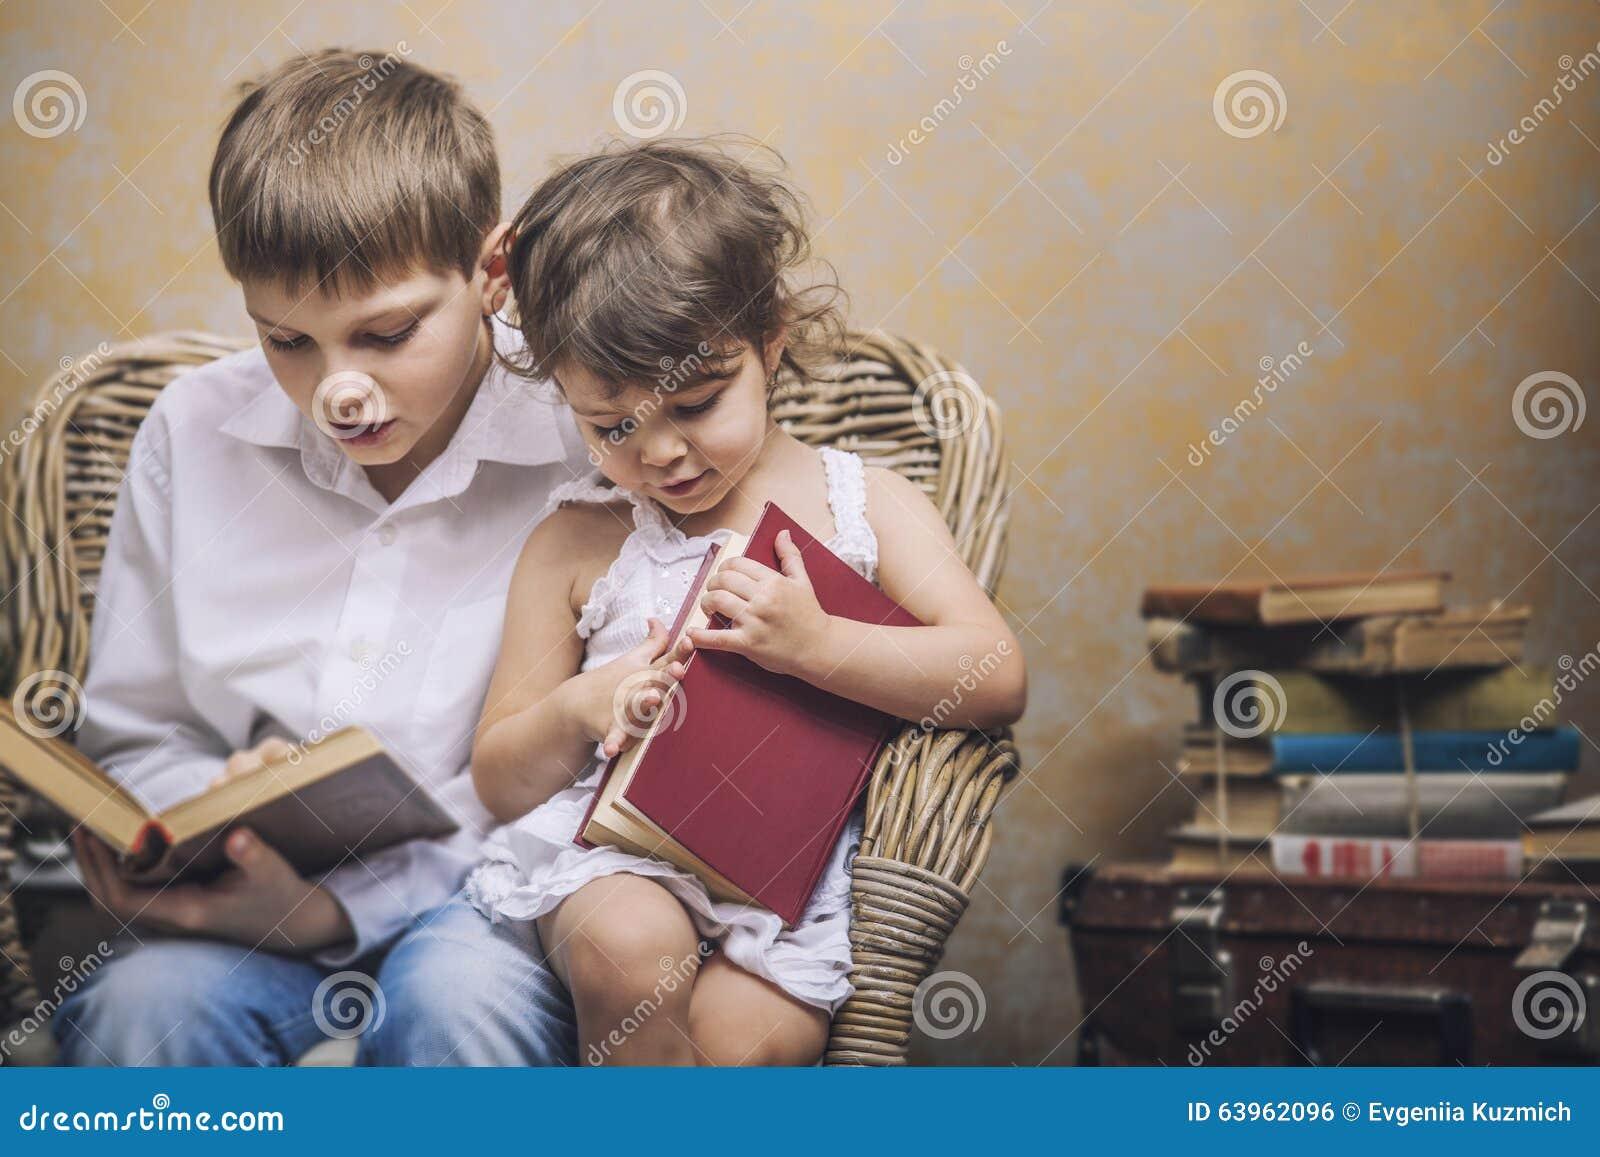 Leuk babysjongen en meisje als voorzitter die een boek in een binnenland lezen